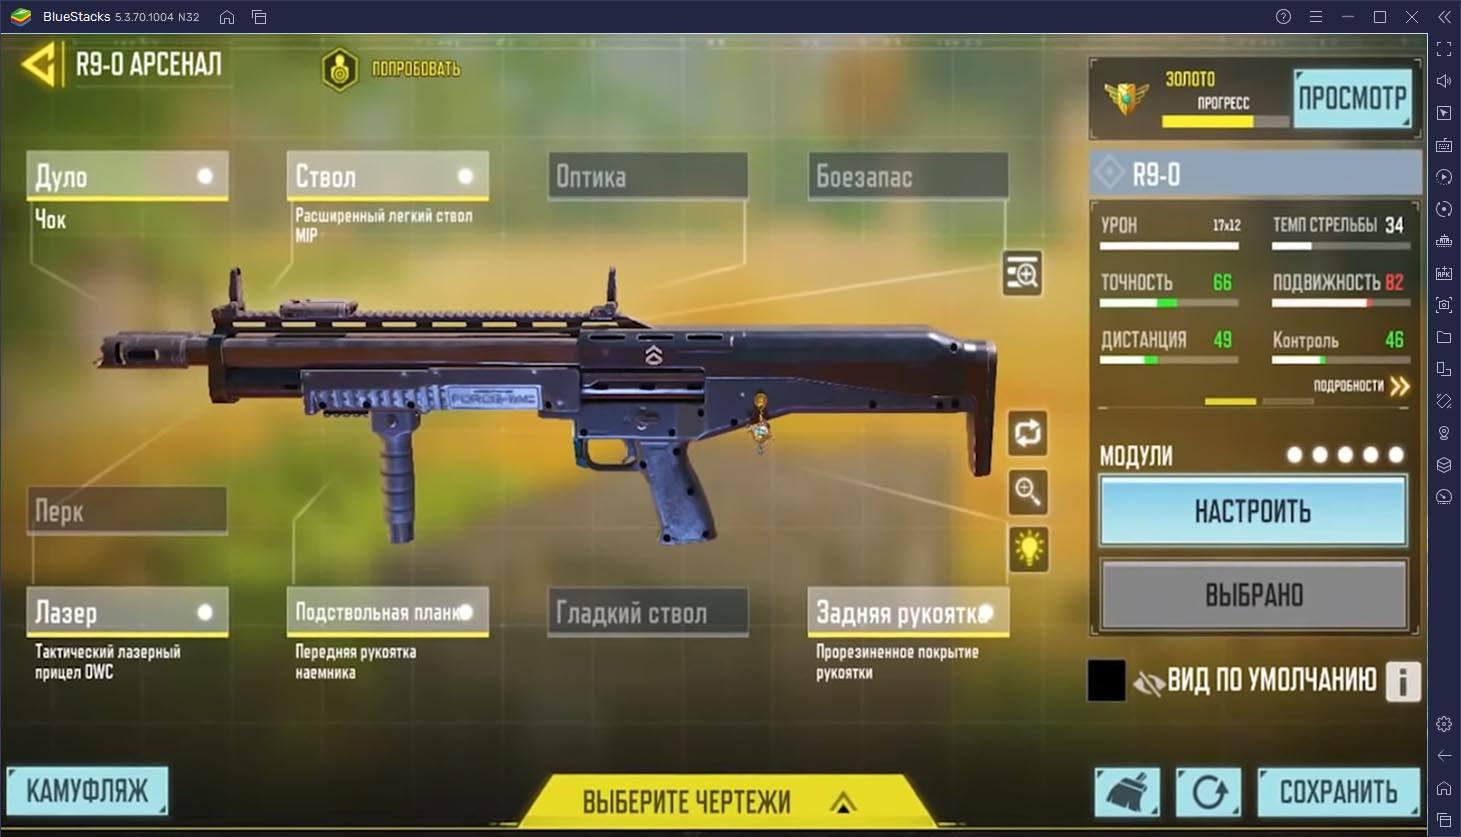 Дробовик R9-0 в Call of Duty: Mobile. Какие улучшения установить